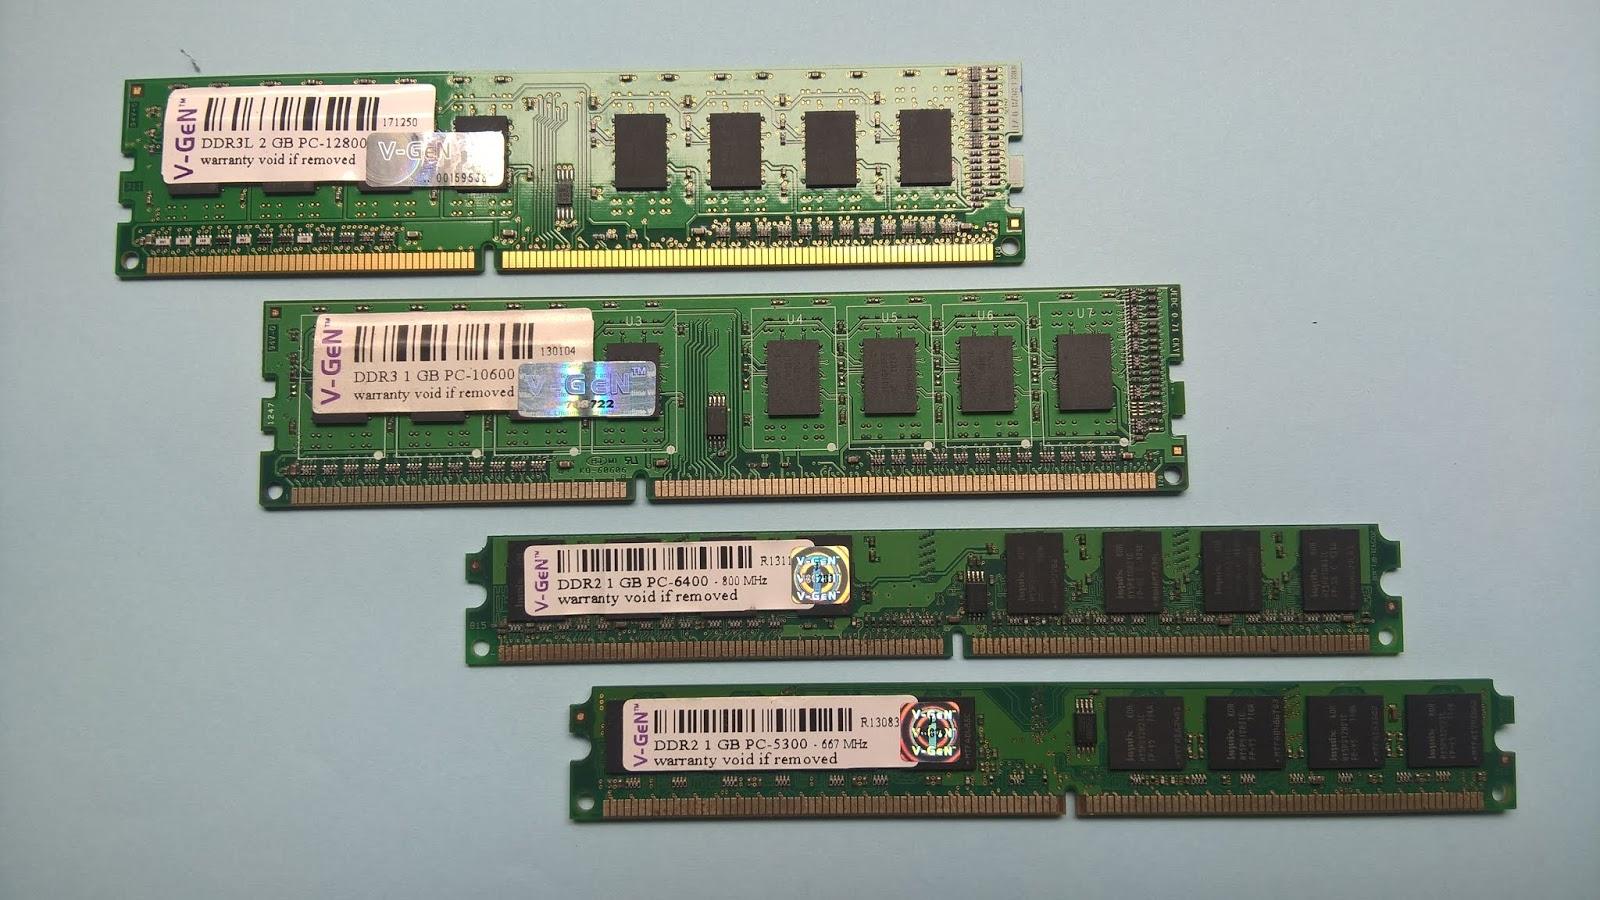 RAM DRR PC